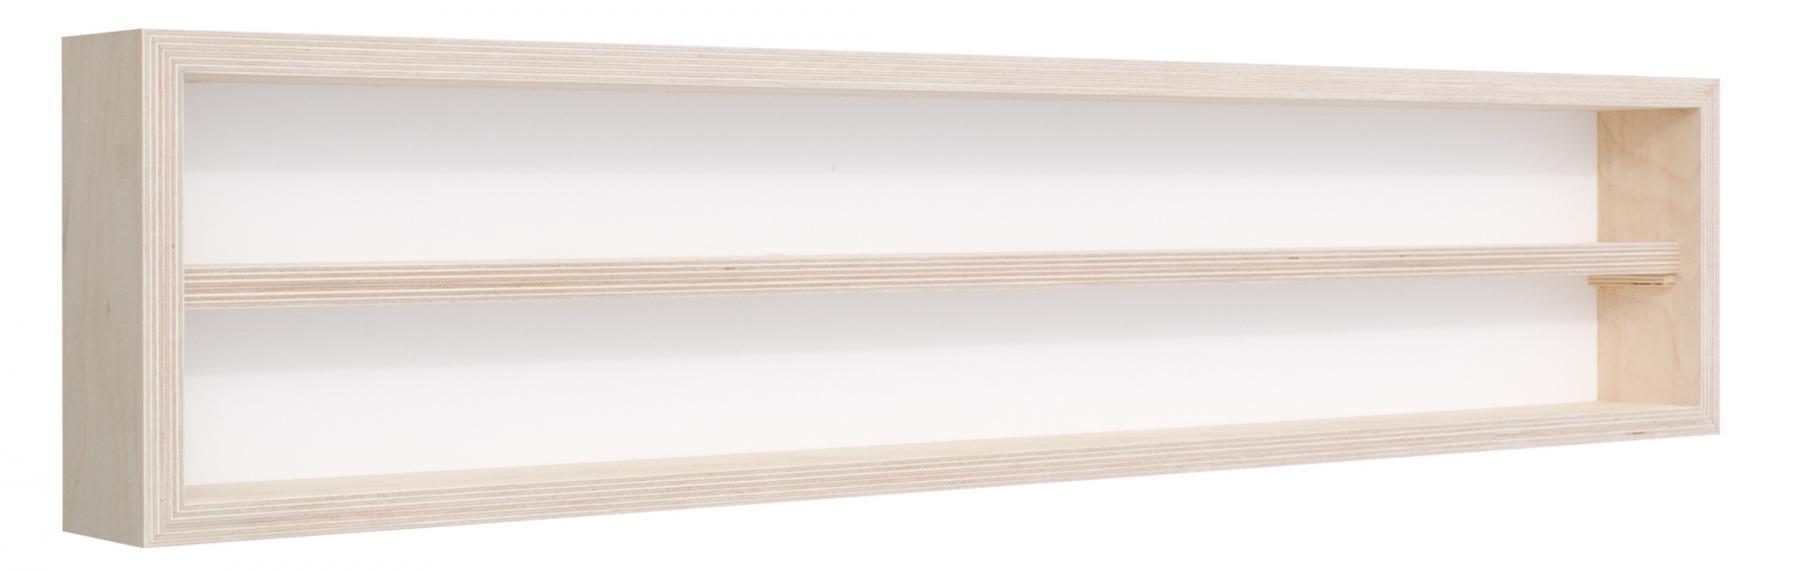 pihami sammler vitrine 110 cm lange vitrine schaukasten setzkasten pokale usw kaufen bei. Black Bedroom Furniture Sets. Home Design Ideas